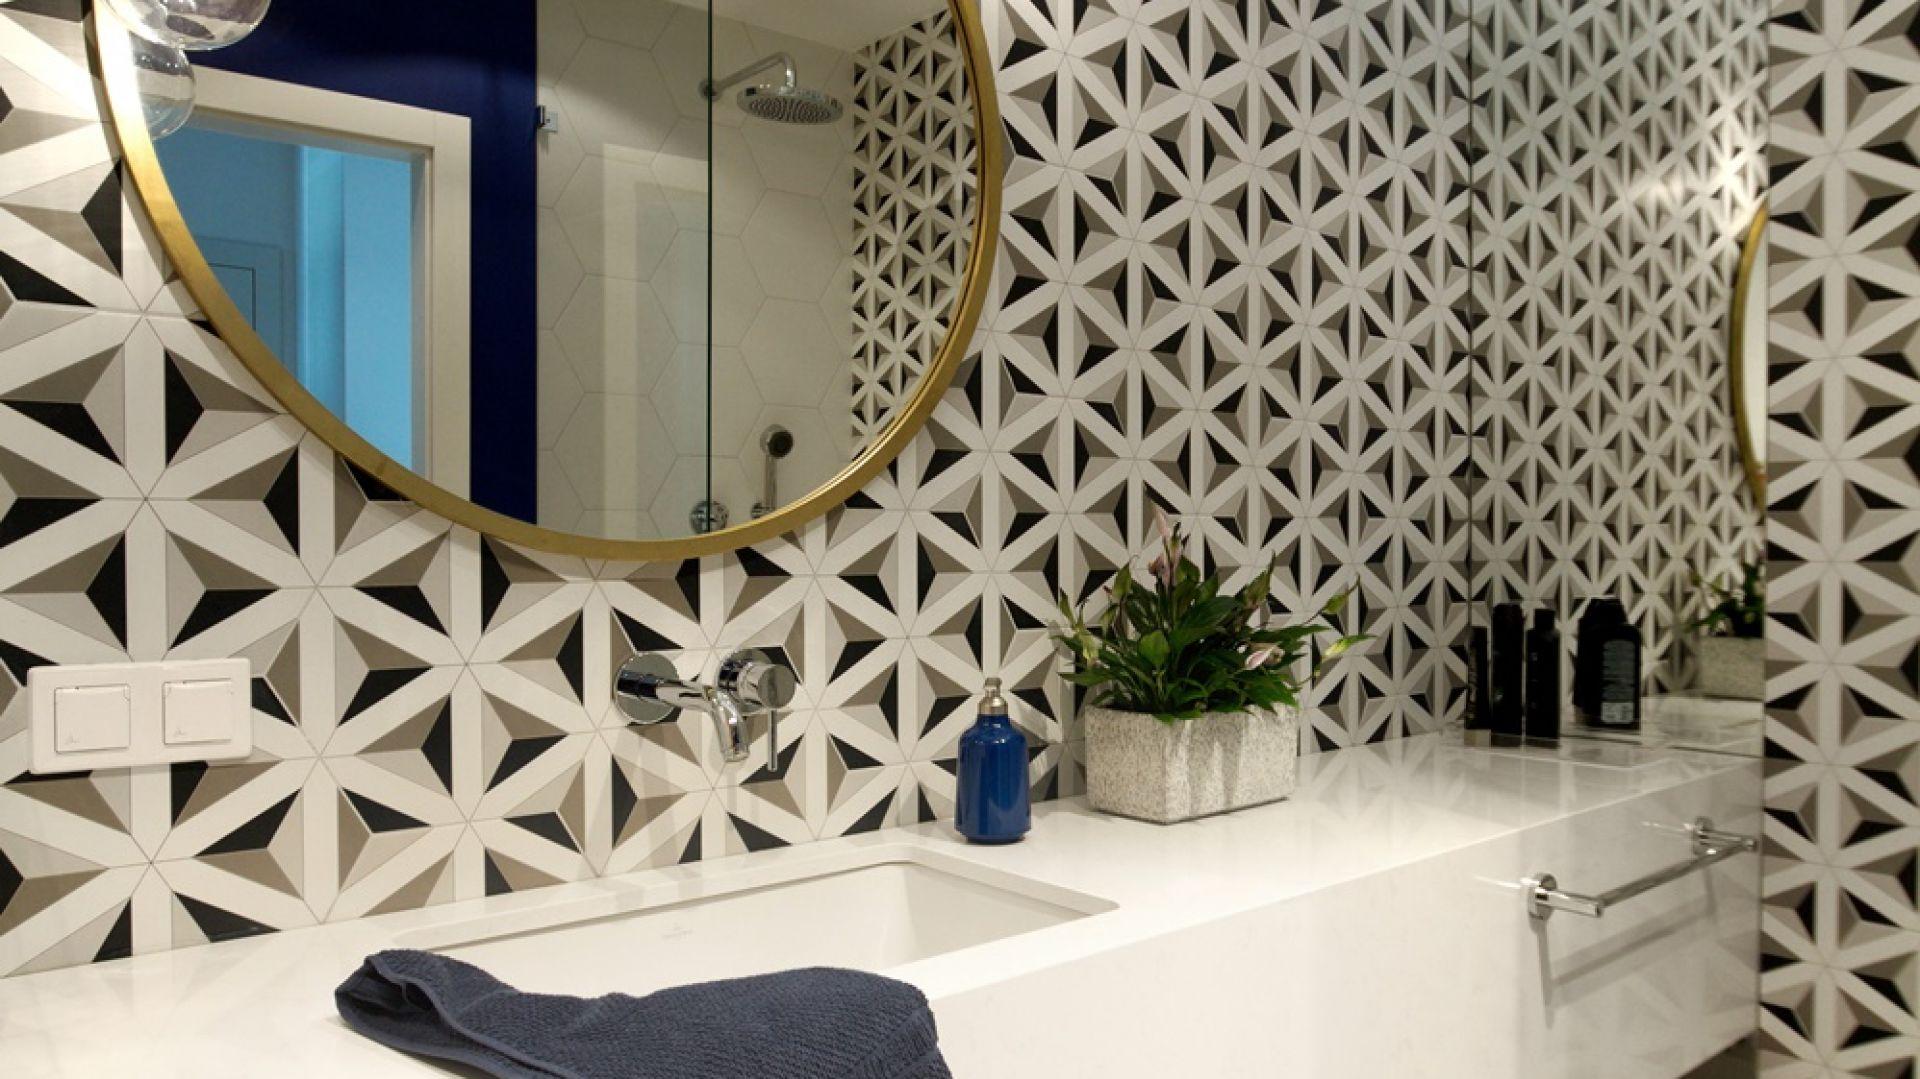 Ściany w tej łazience wieńczą bardzo wzorzyste płytki z geometrycznymi motywami. Proj. Soma Architekci. Fot. Soma Architekci